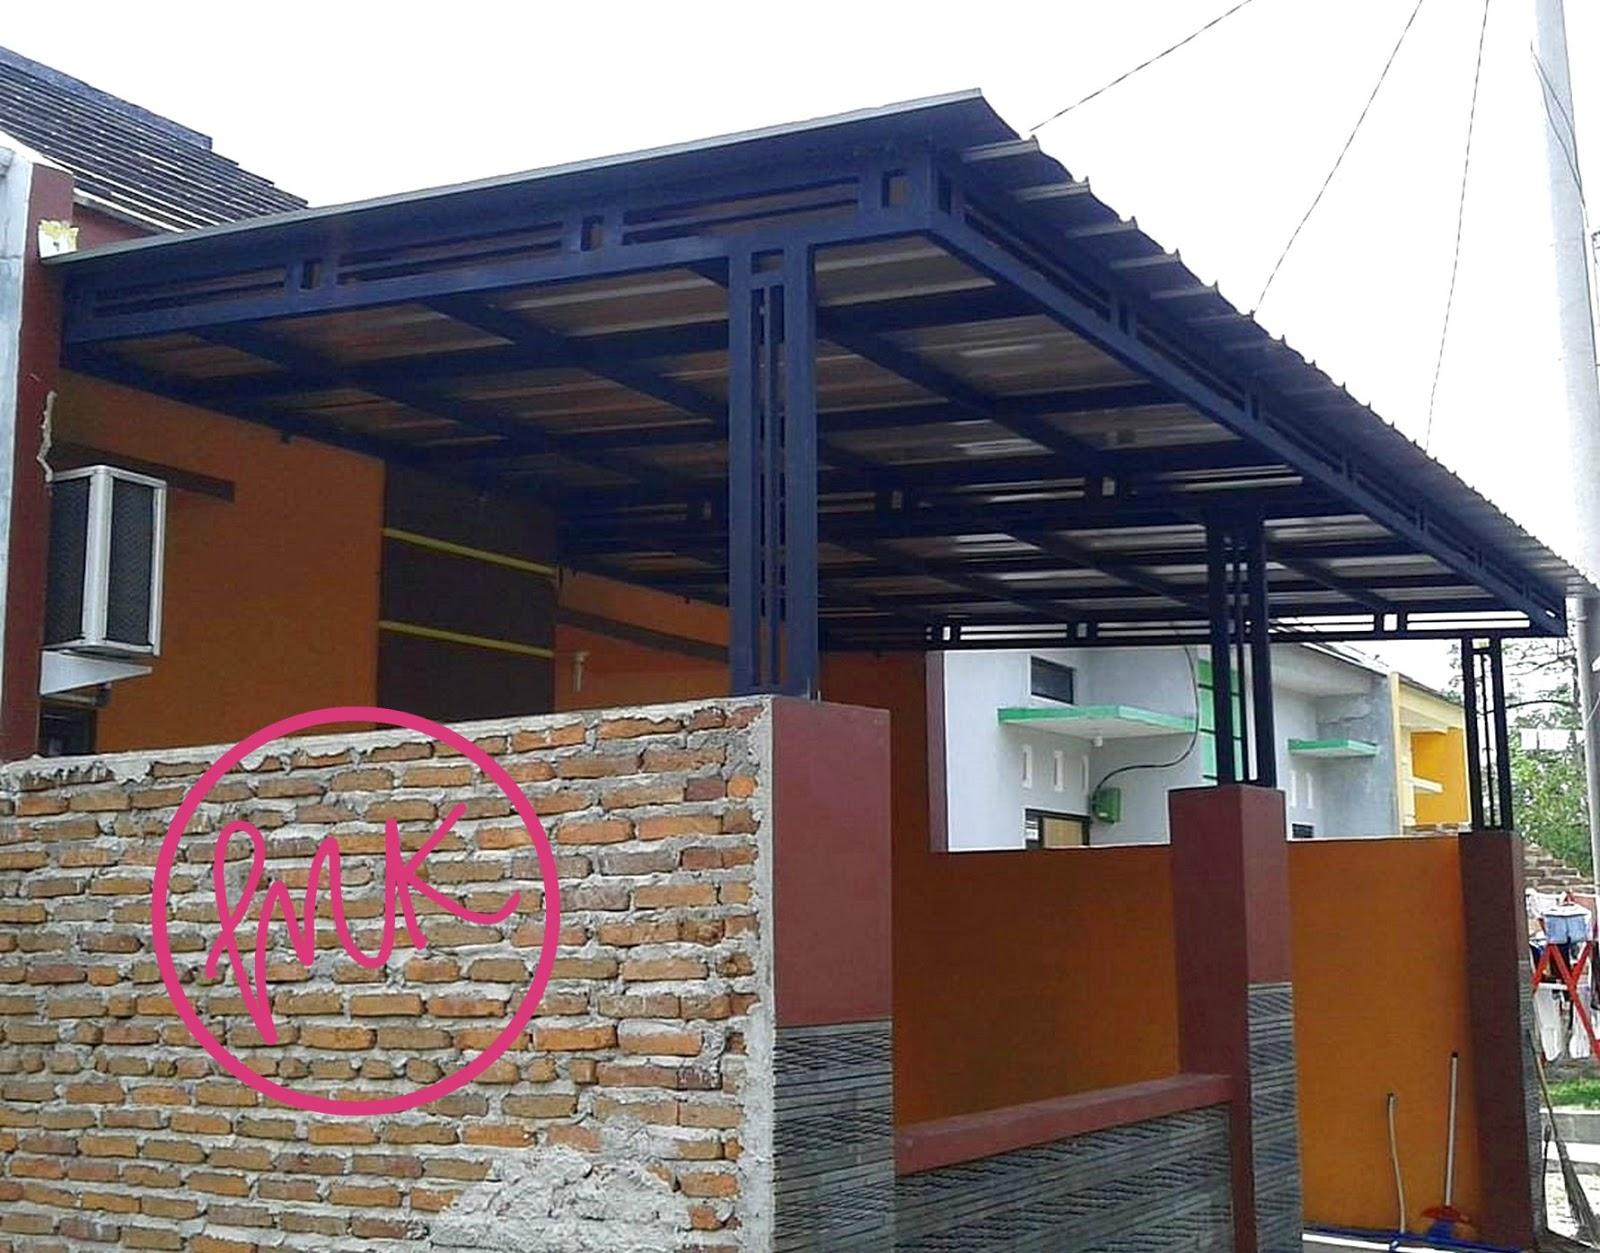 Kanopi besi rangka dobel kuat dari bengkel ahlinya canopy di Sidoarjo Surabaya